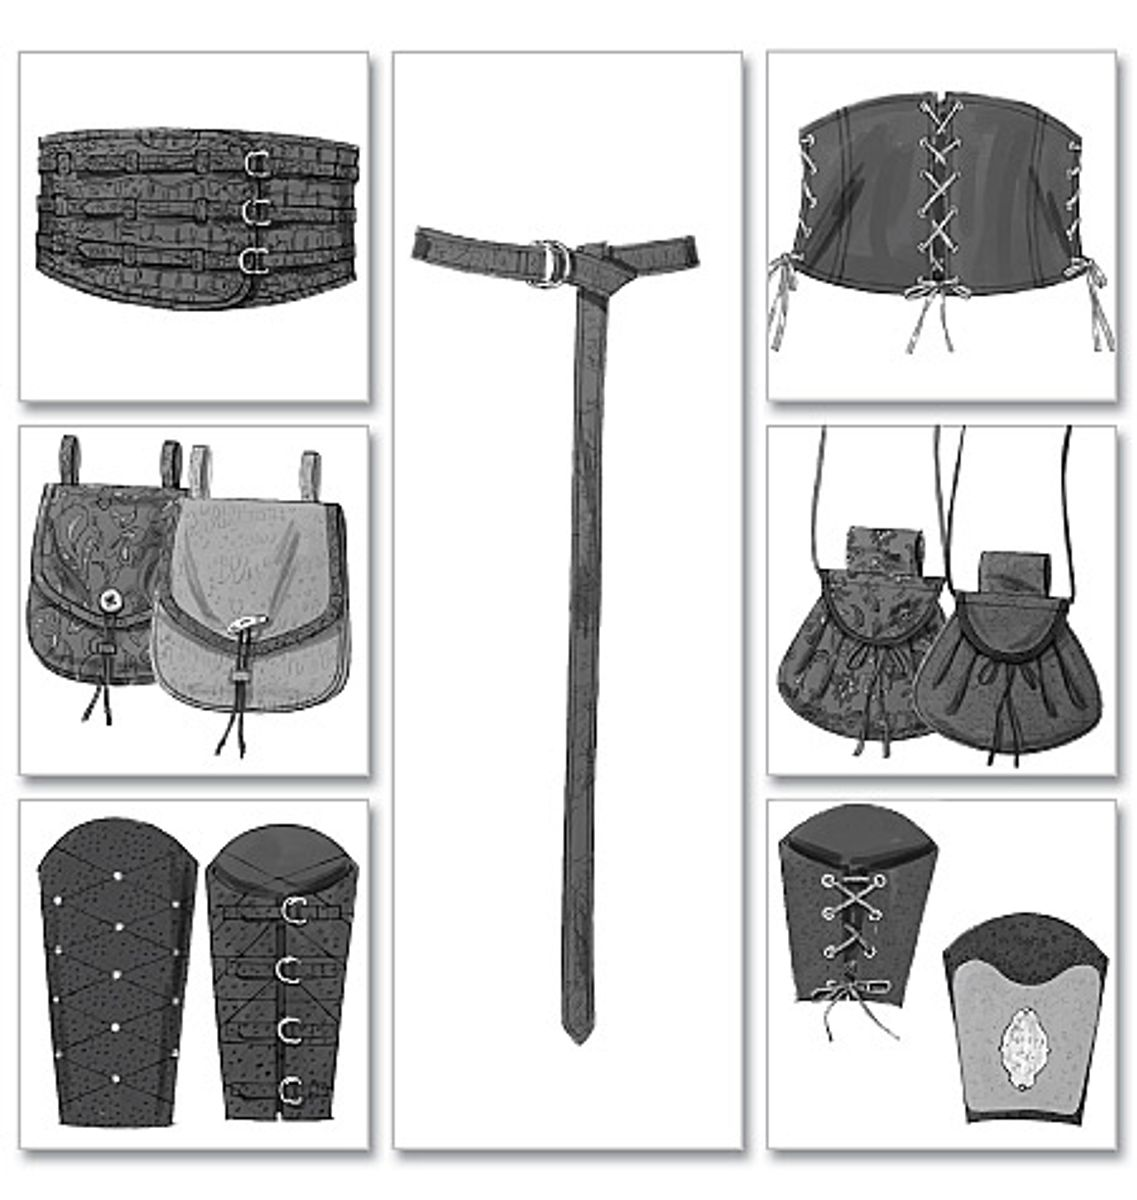 Patron d'accessoires historiques - Butterick 5371